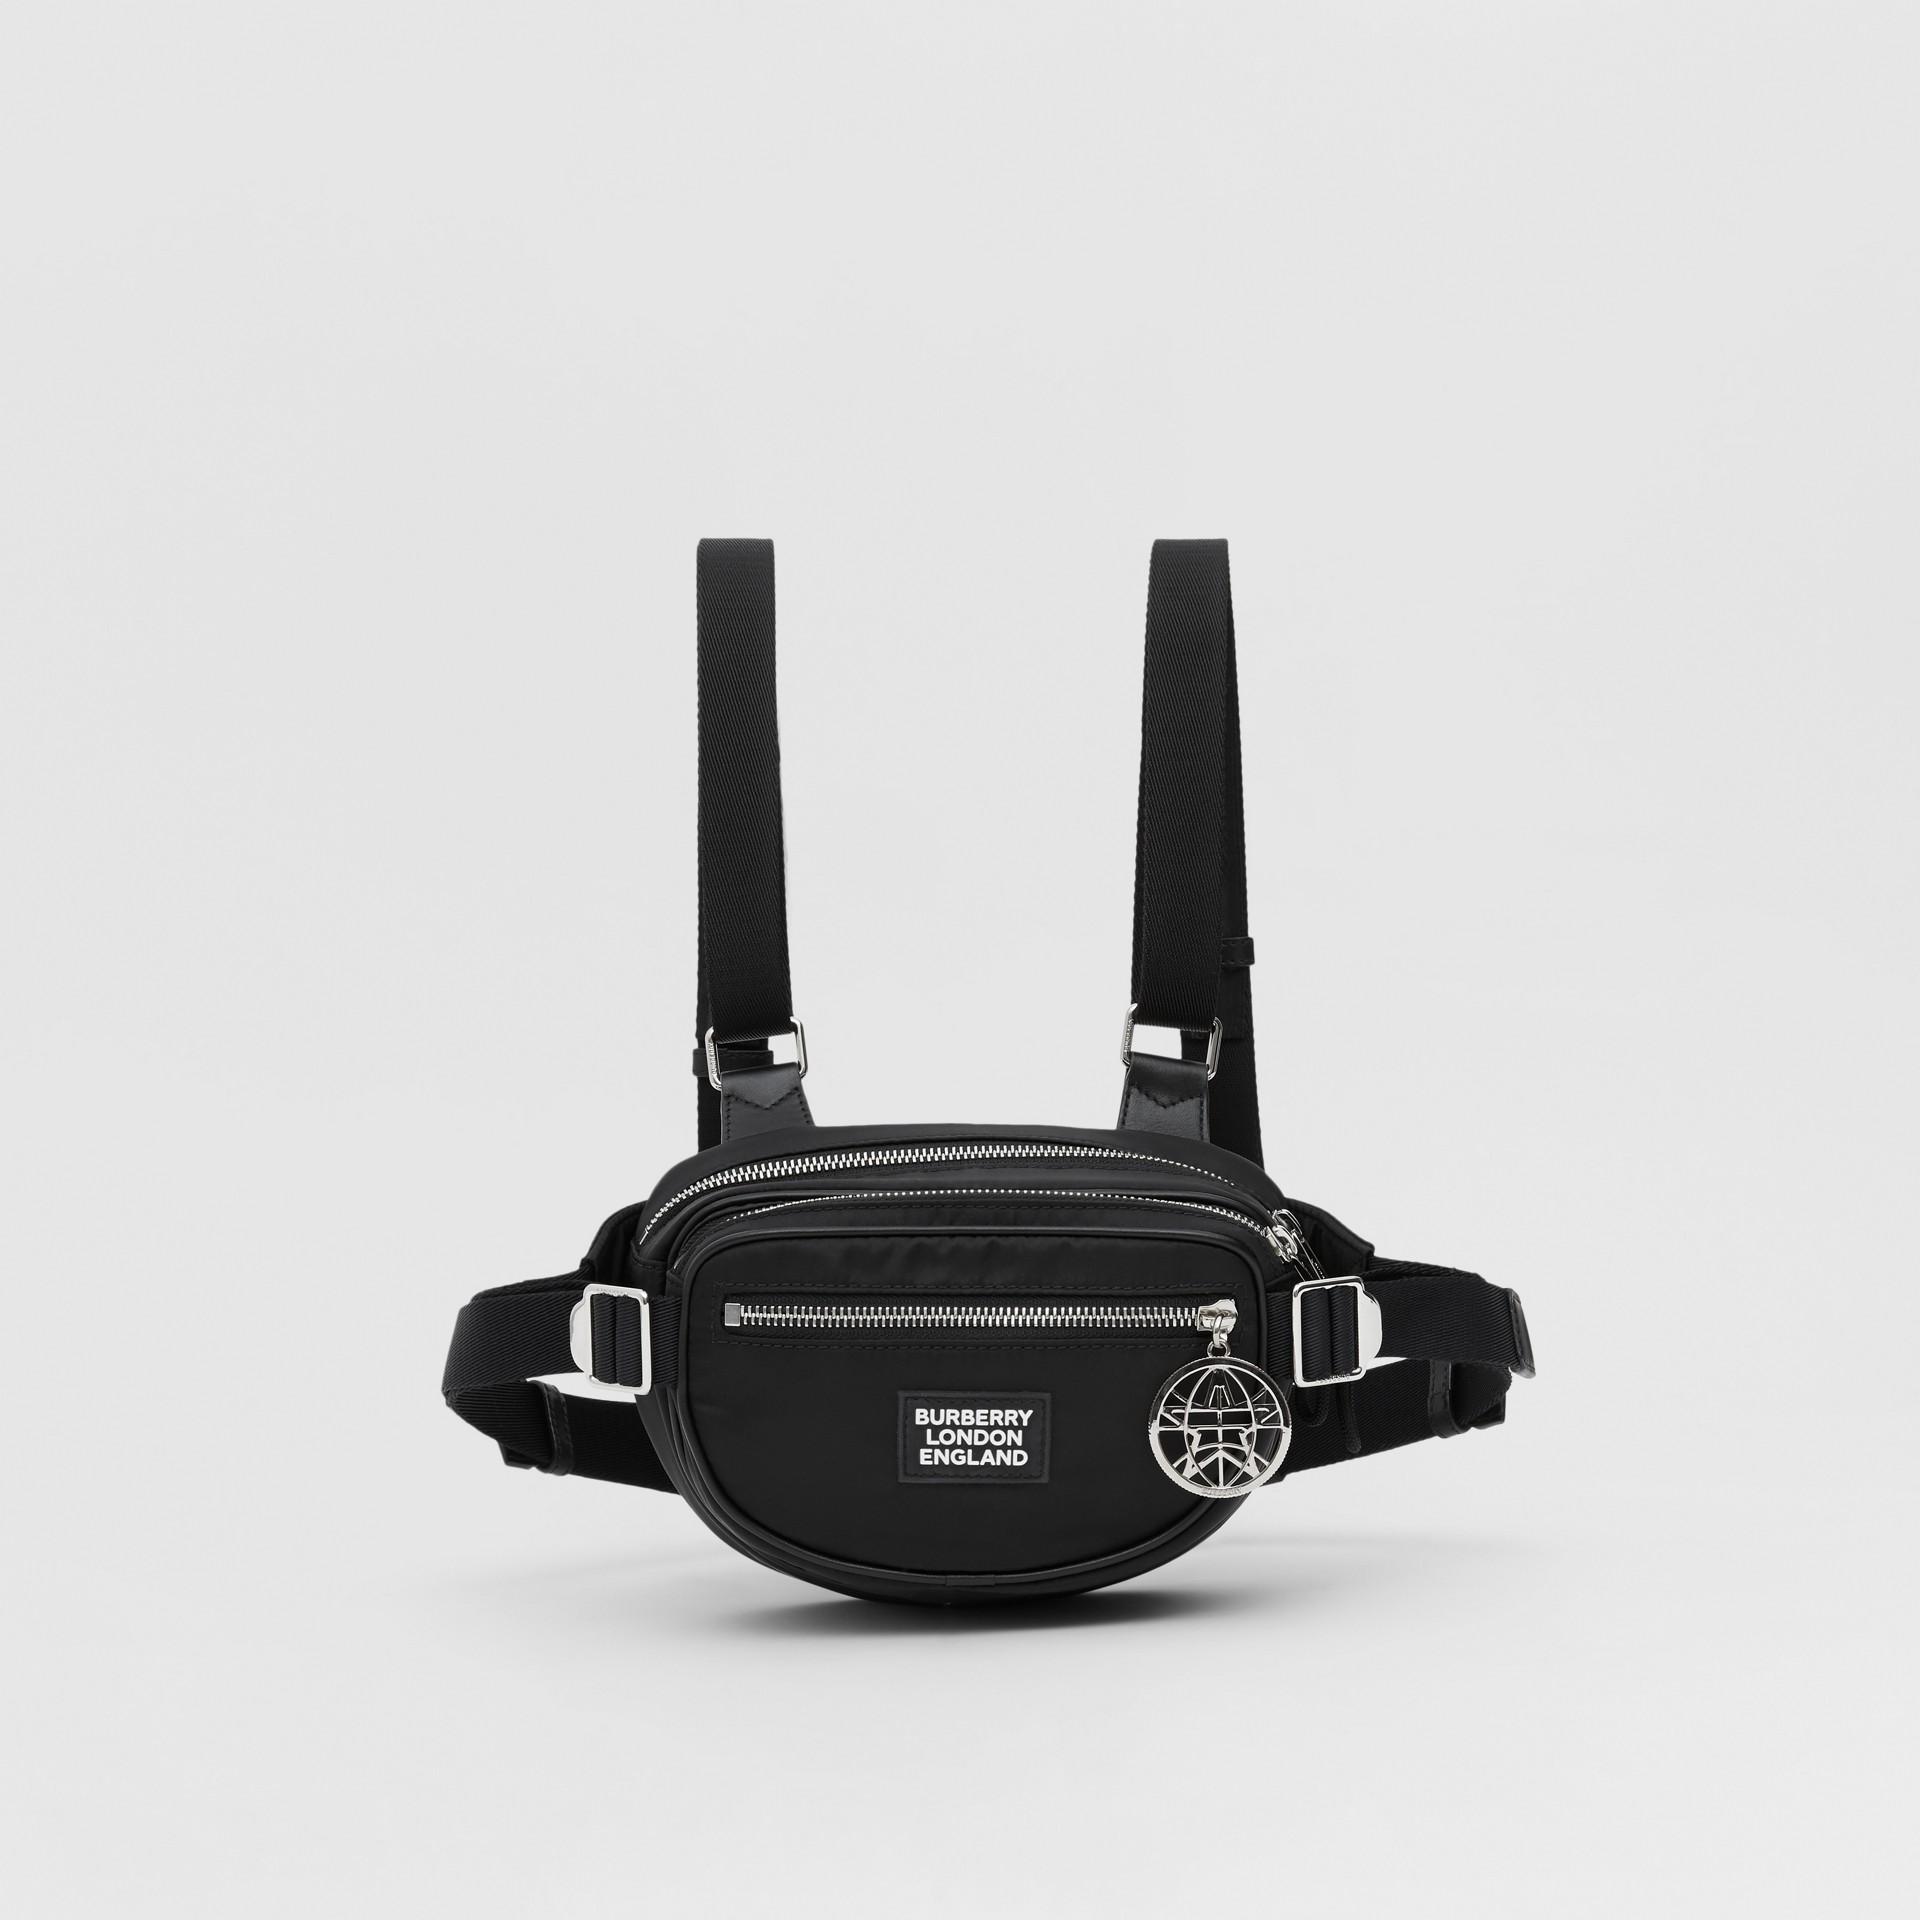 ロゴアップリケ ECONYL® キャノン ベルトパック (ブラック) | バーバリー - ギャラリーイメージ 0